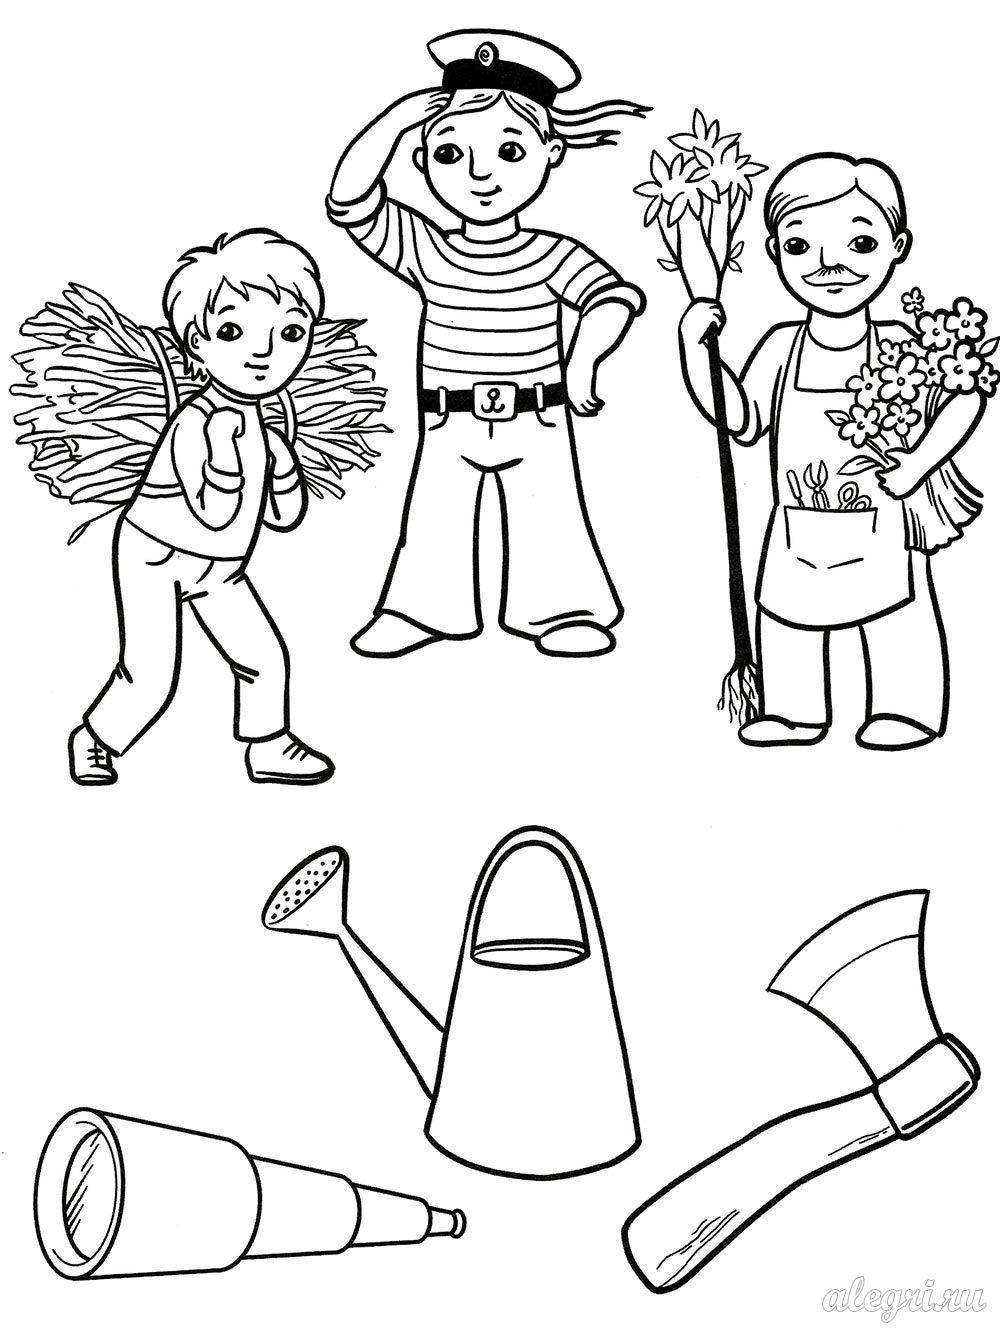 Картинки для детей 5 6 лет распечатать